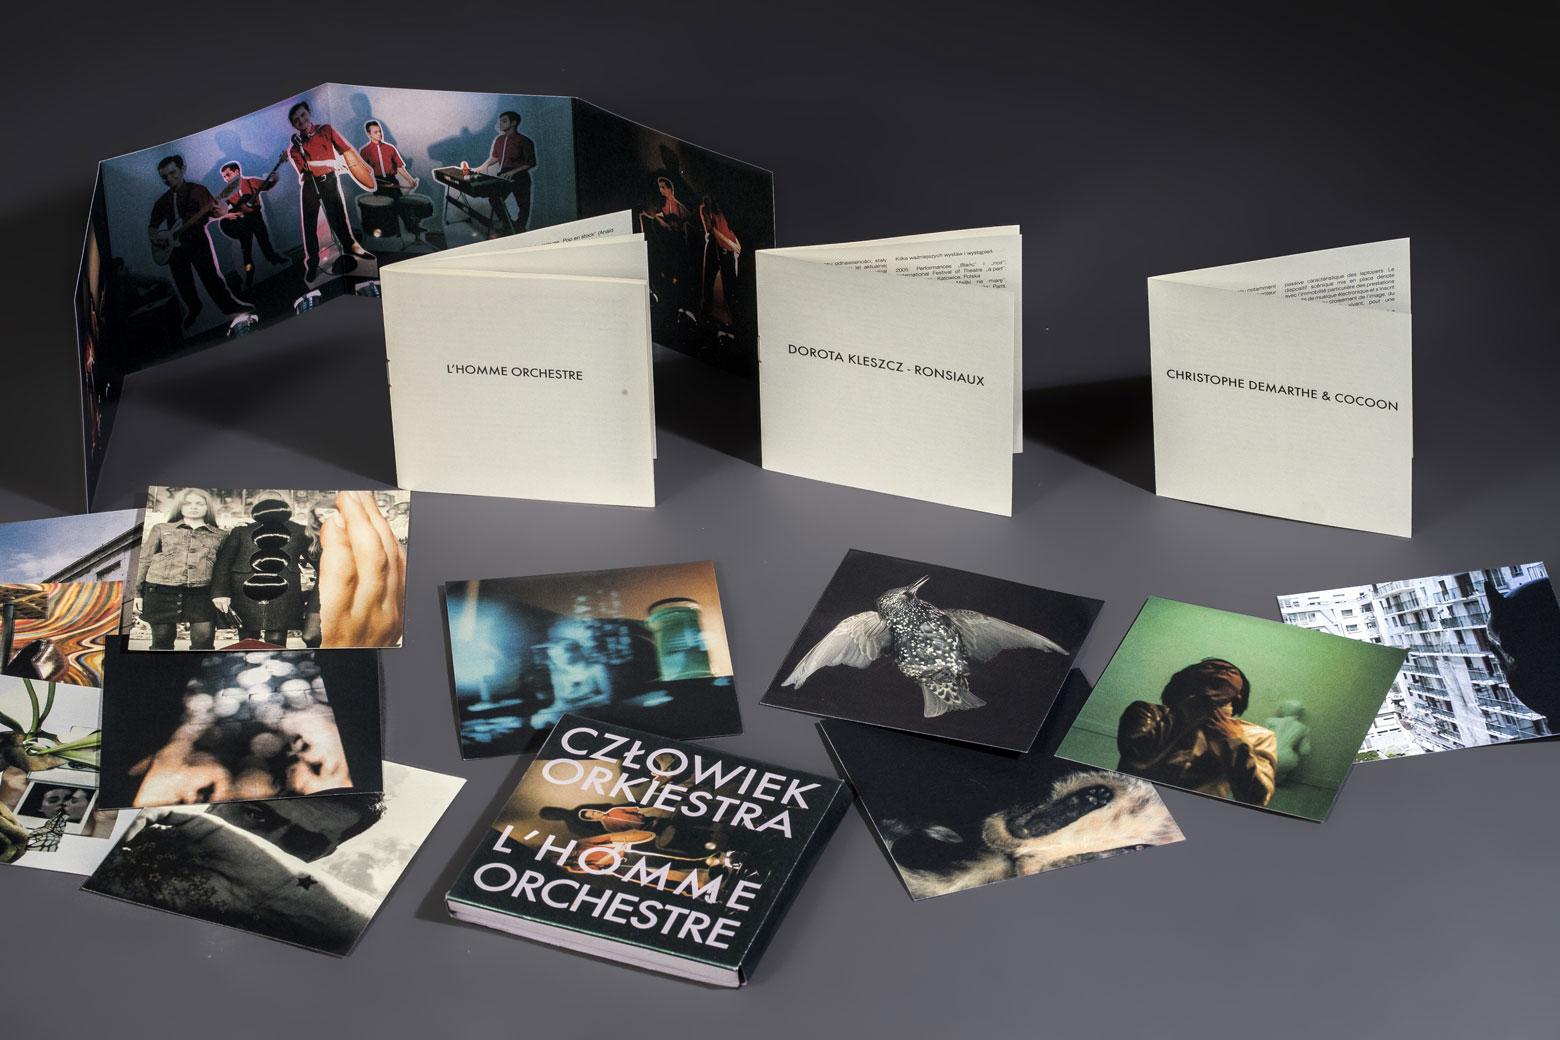 L'homme orchestre / Pierre Belouin / Dorota Kleszcz / Christophe Demarthe